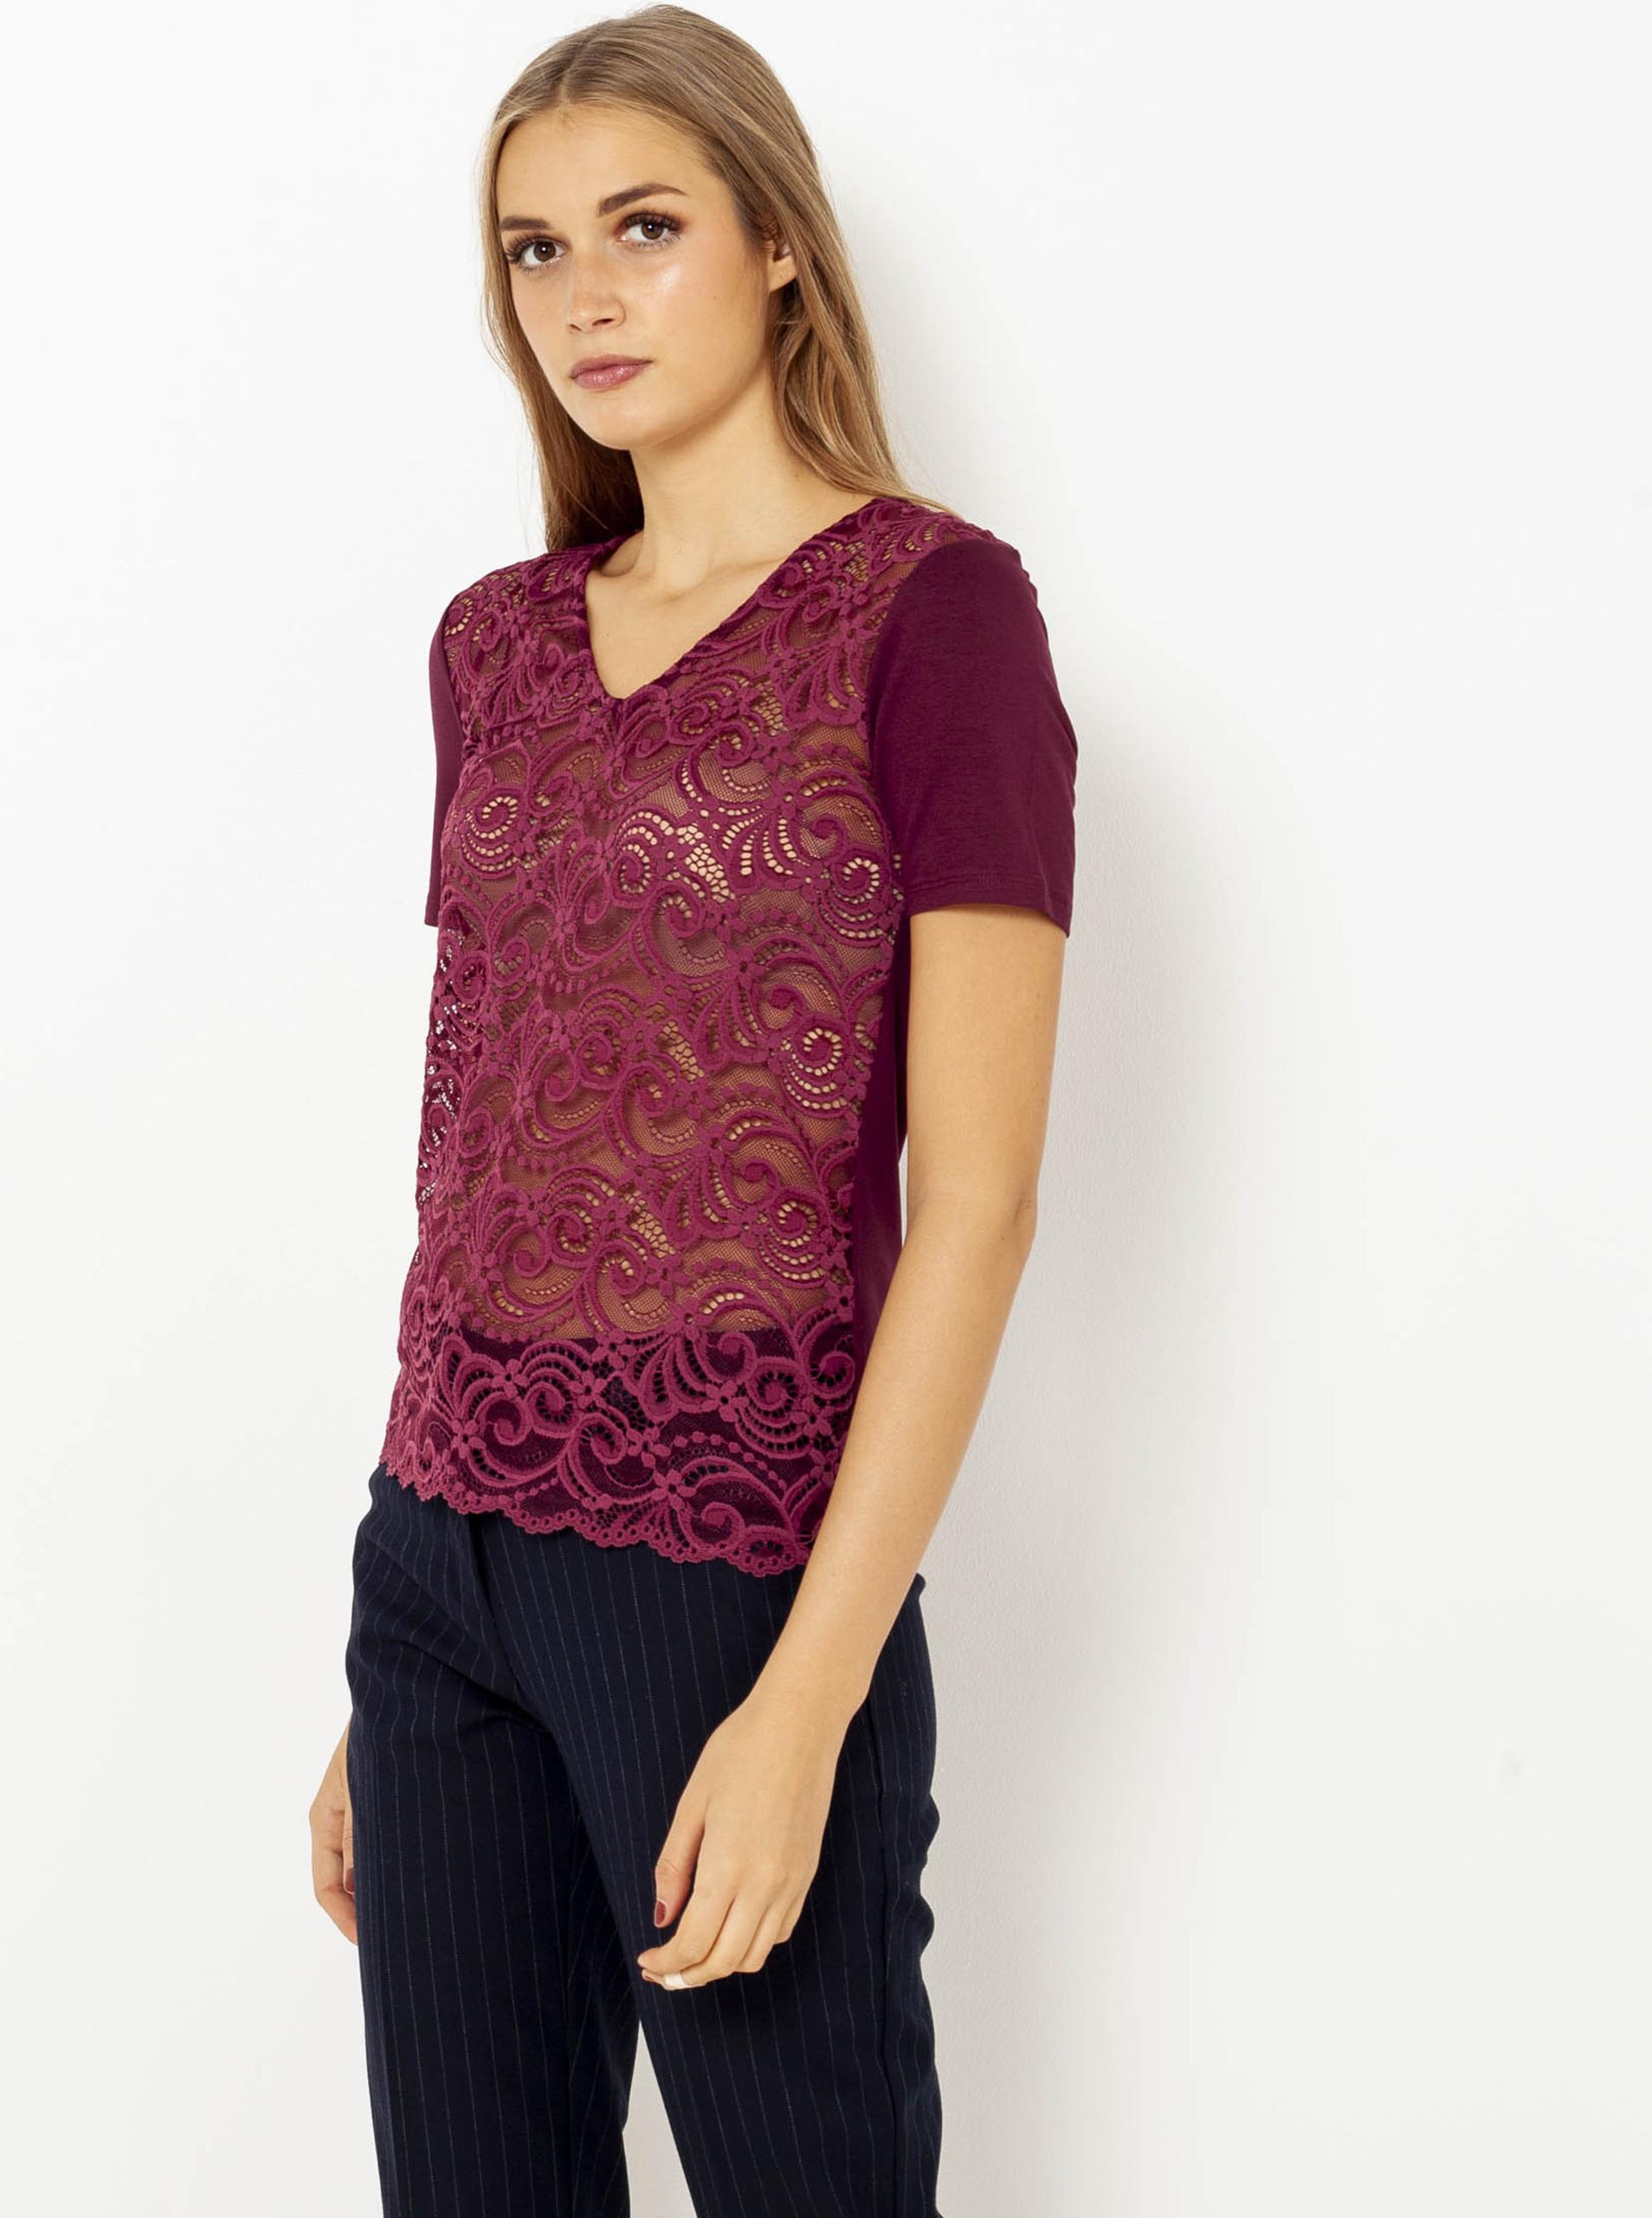 CAMAIEU wiśniowy/bordowy przezroczysta koszulka z koronką